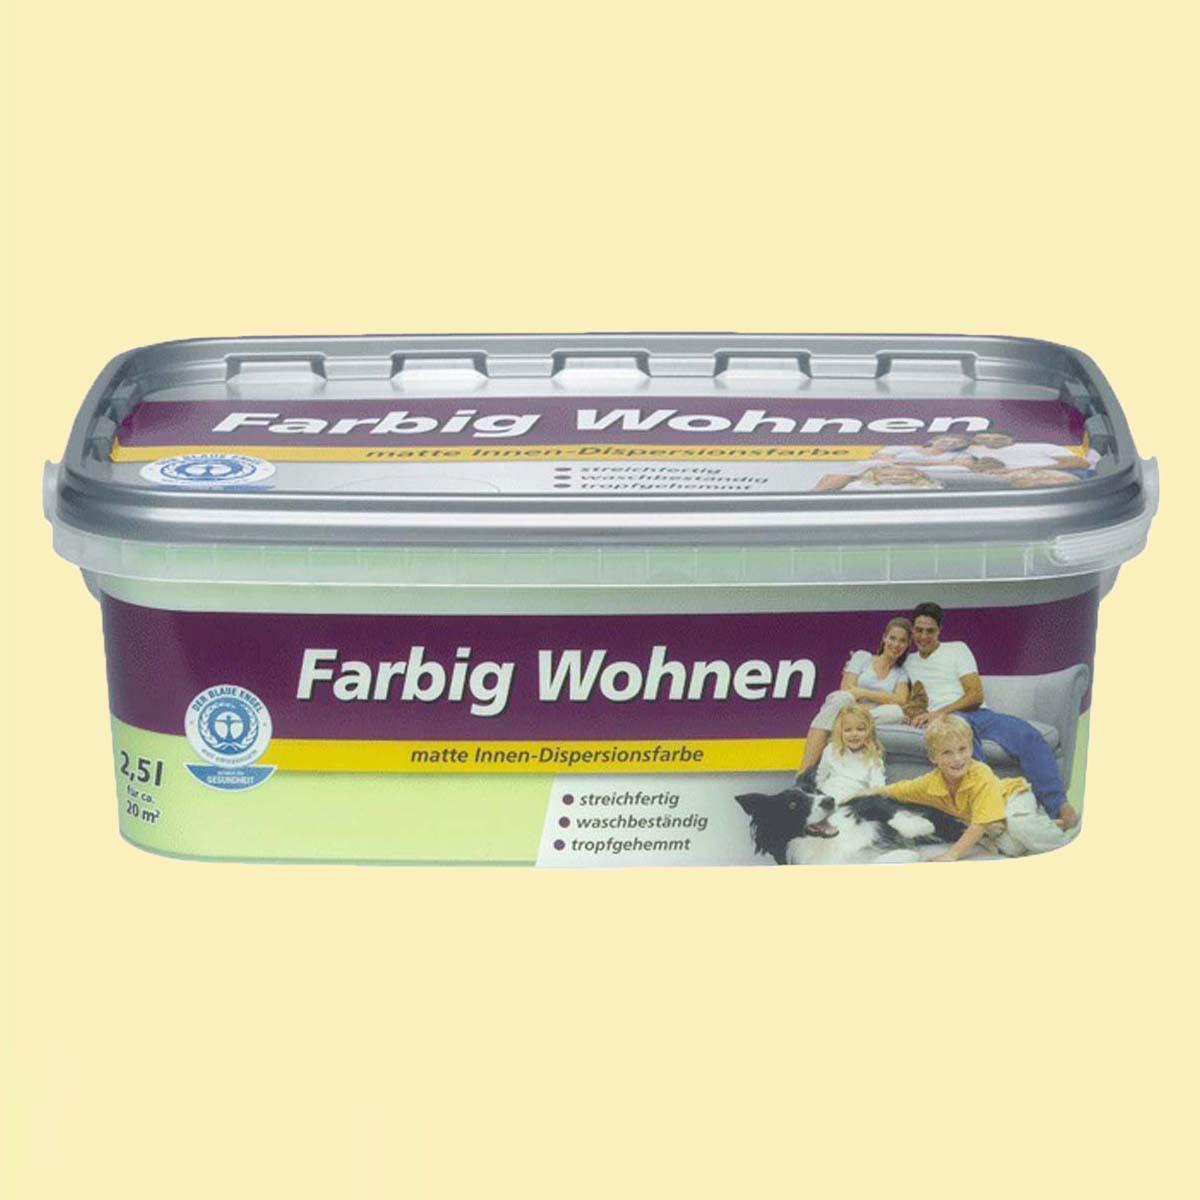 Farbig Wohnen (Honig)